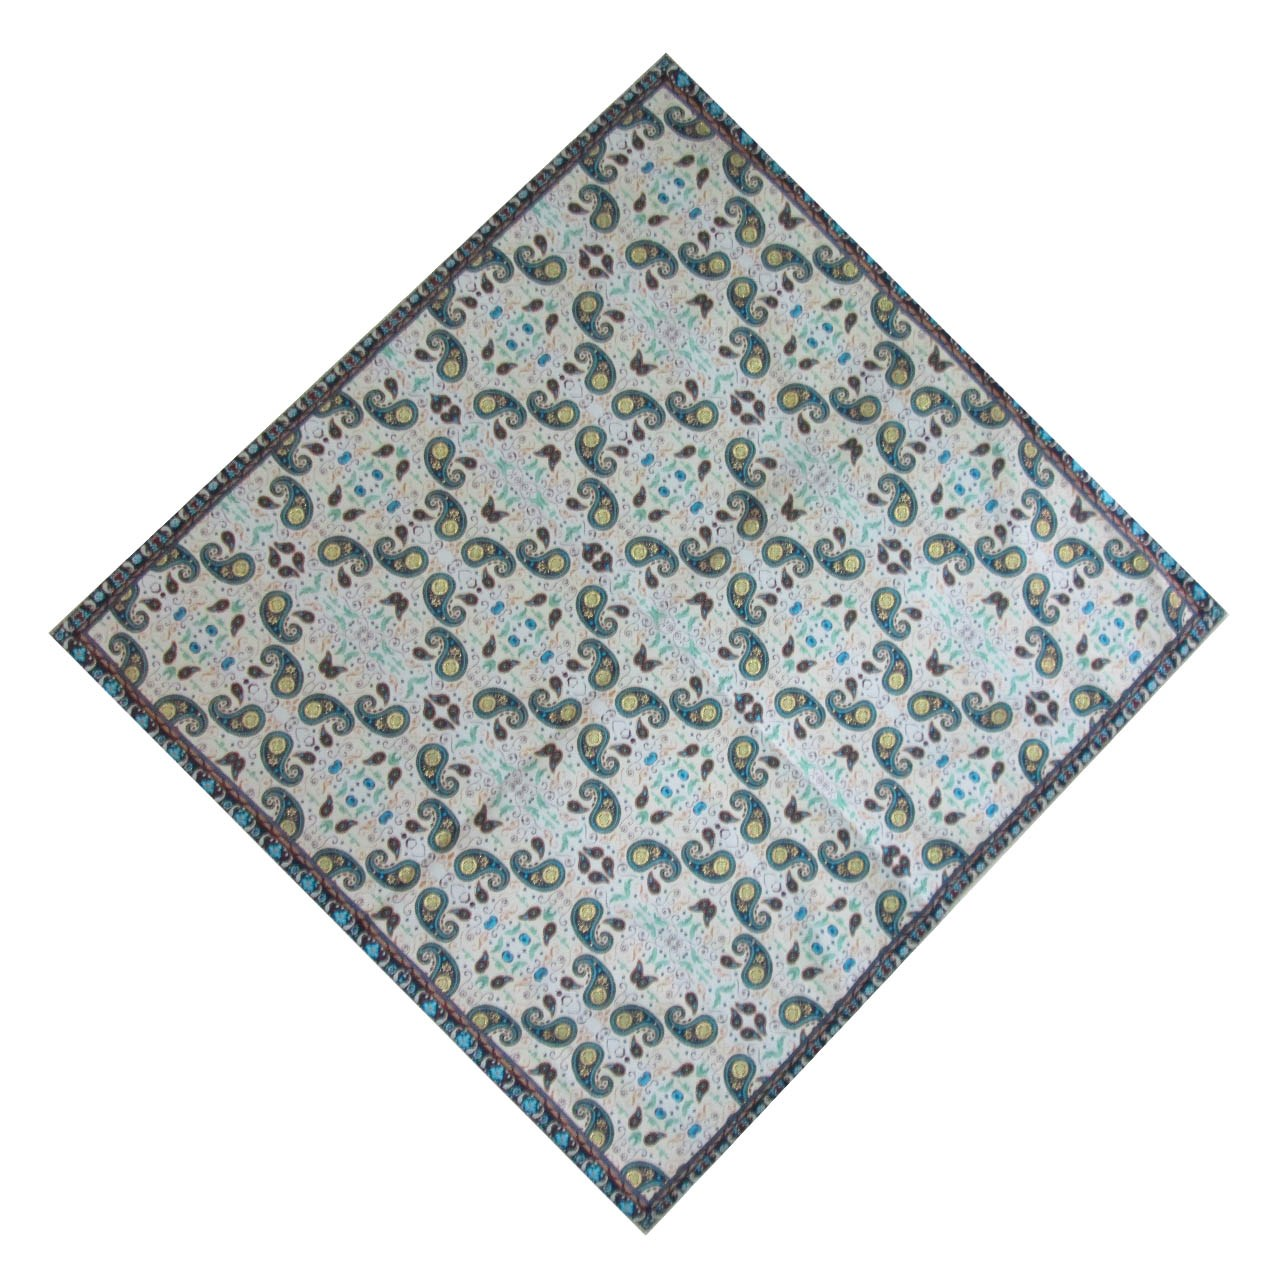 ترمه رومیزی ابریشمی کد 2031 سایز 100 × 100